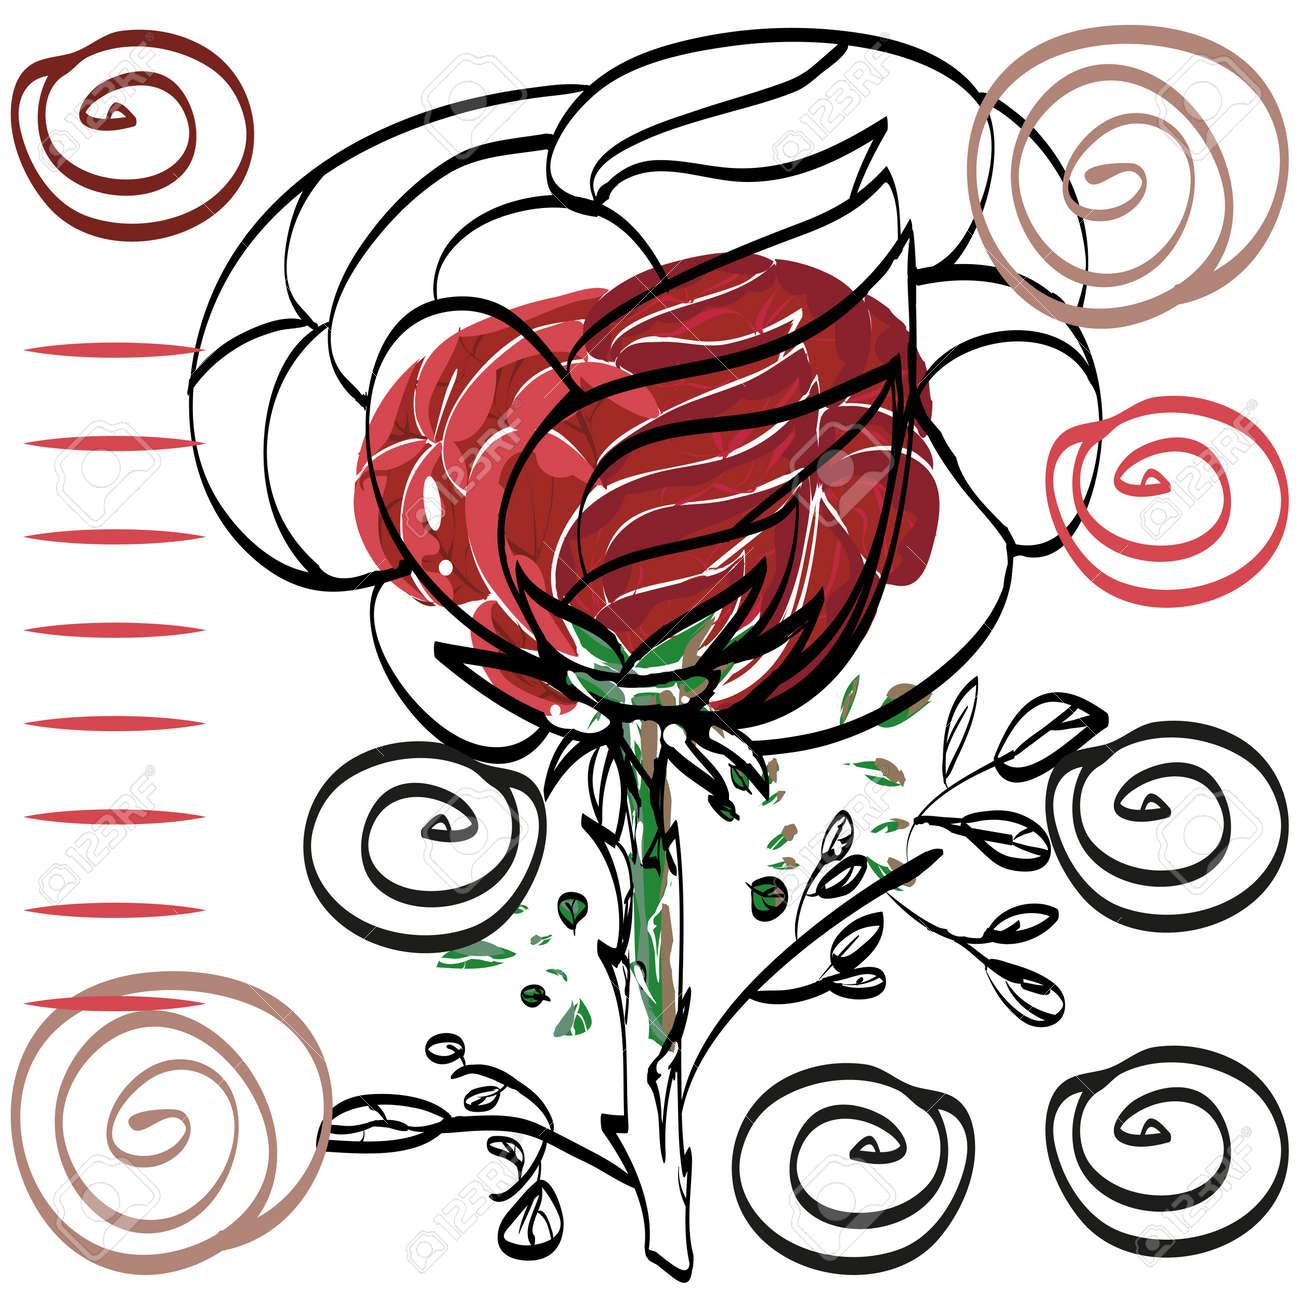 Dessin Vectoriel D Une Rose Rouge Avec Un Contour Noir Dechire D Une